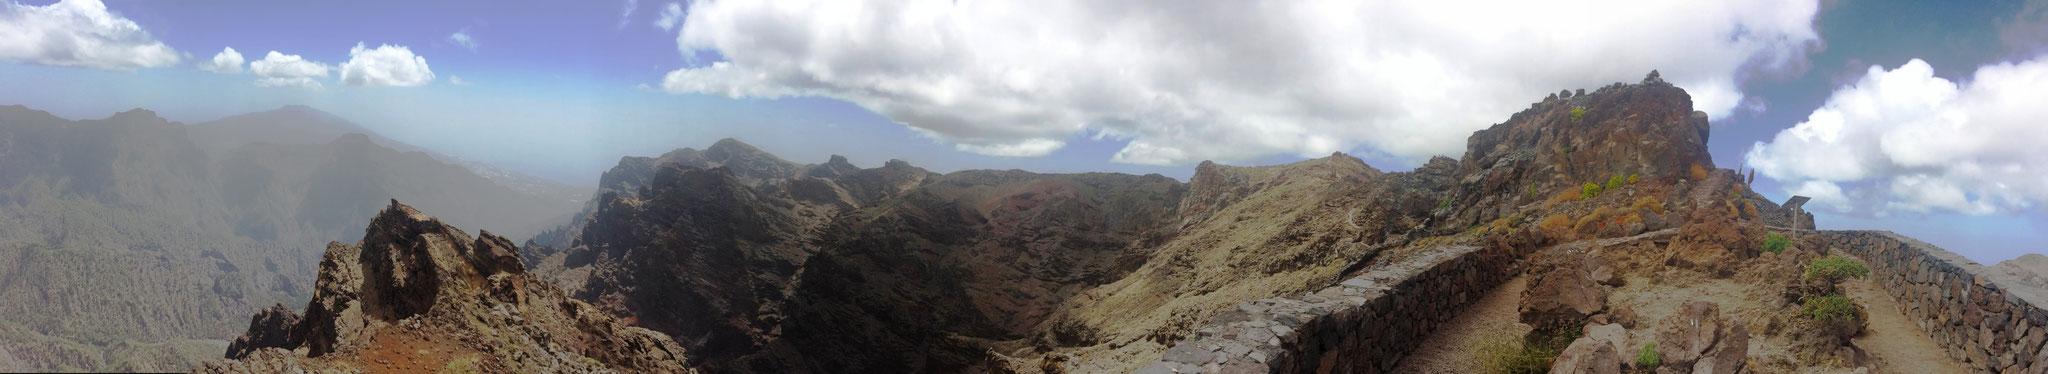 La Palma - Caldera de Taburiente